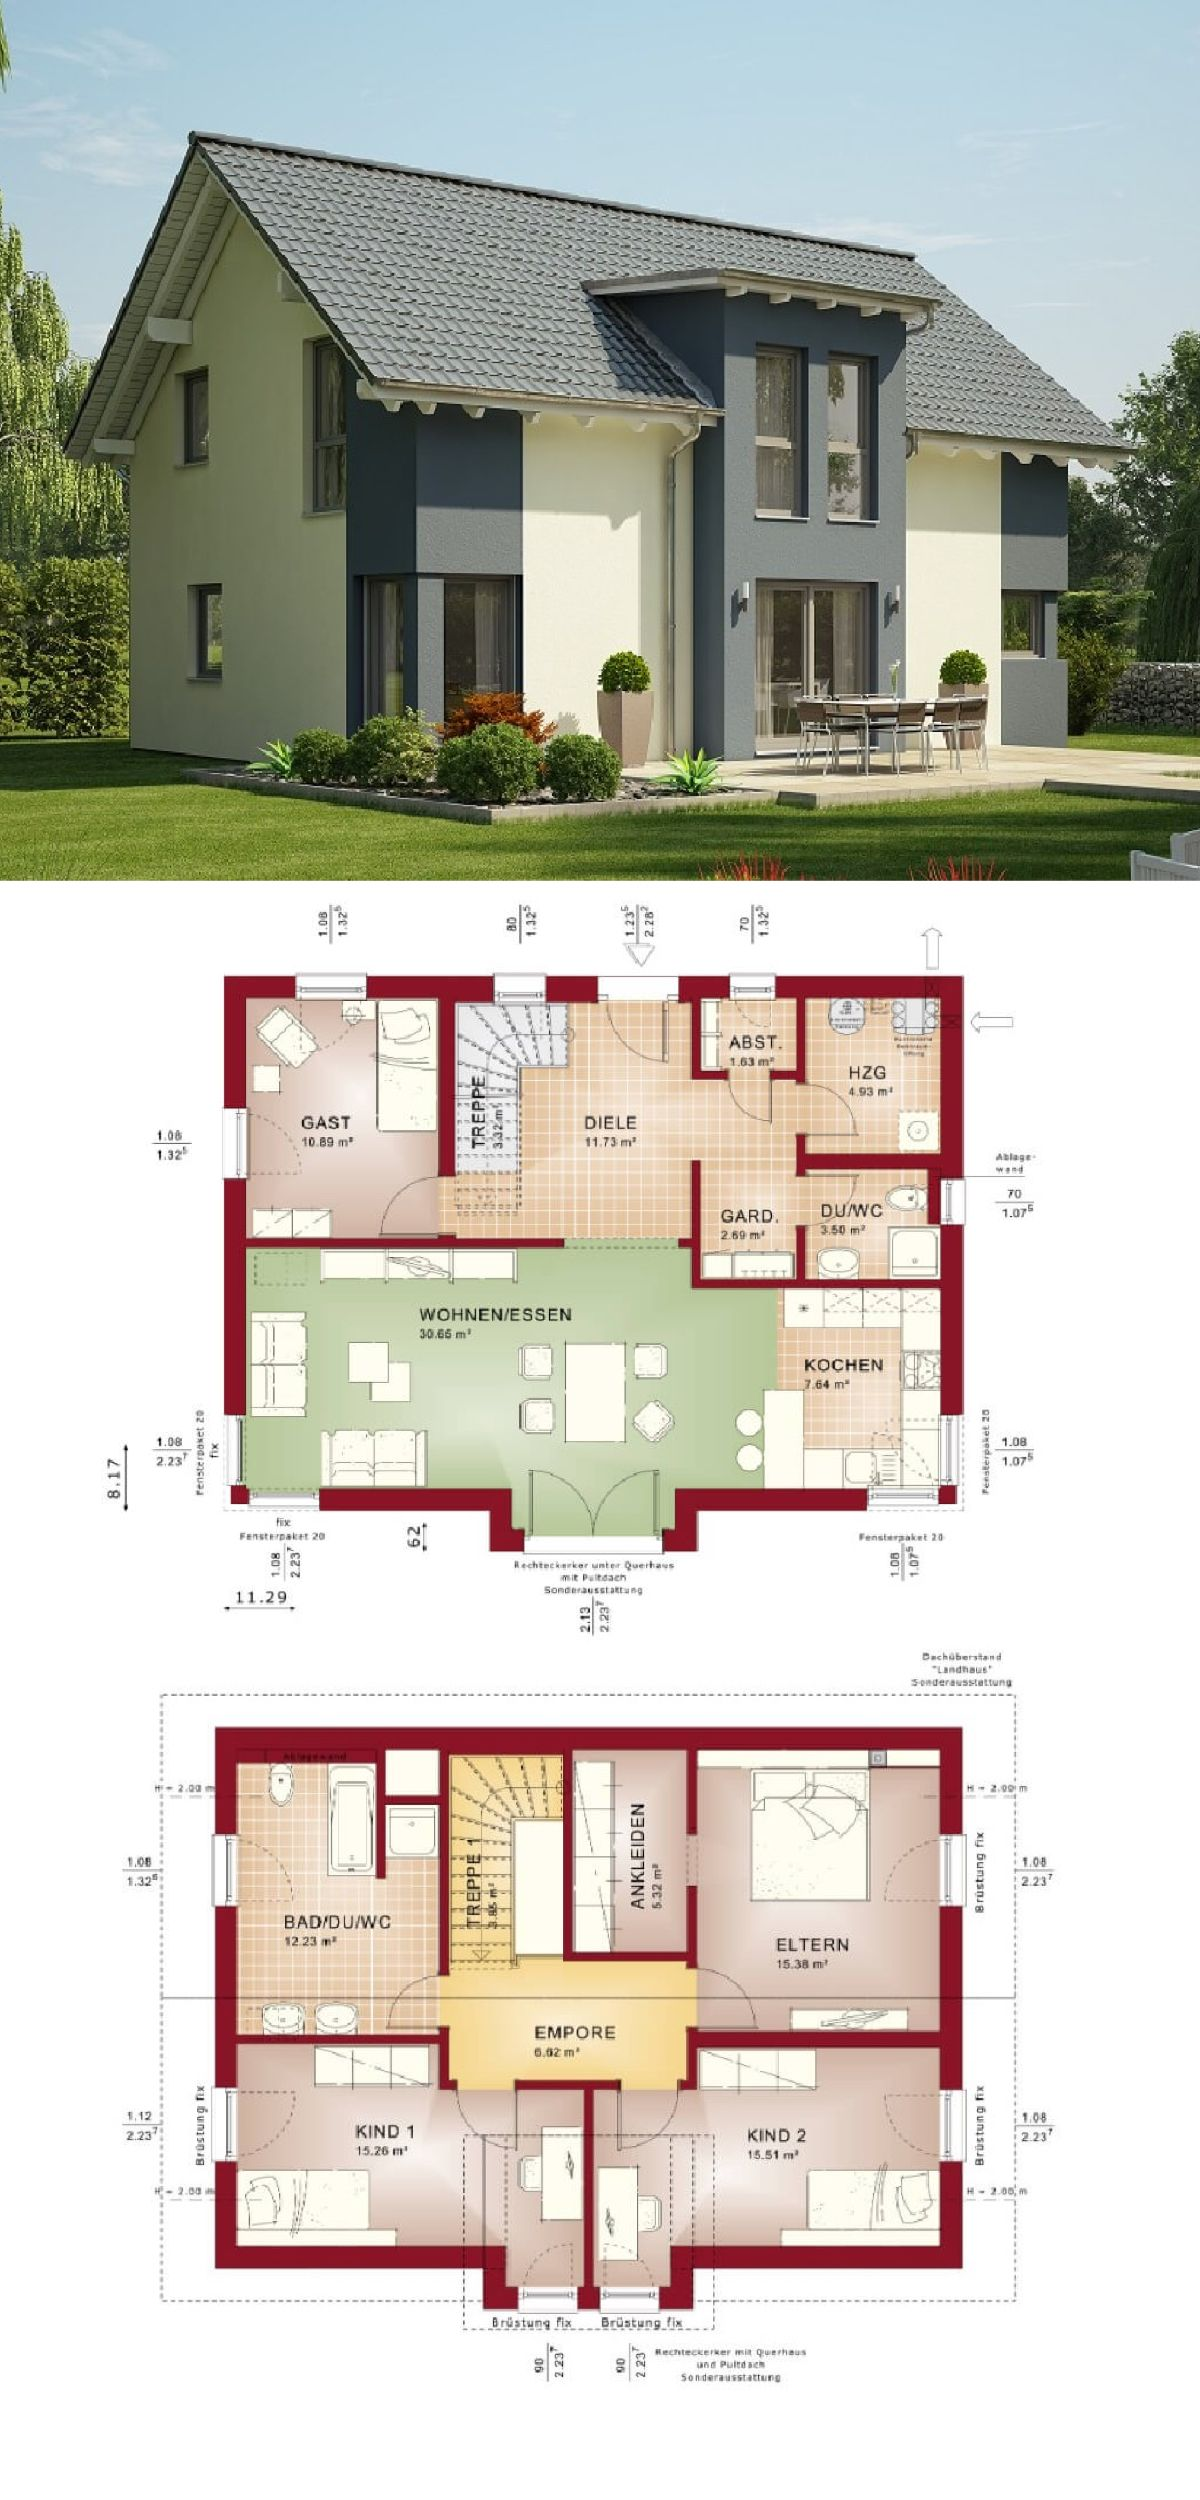 Einfamilienhaus architektur mit satteldach und erker anbau for Haus anbau modern